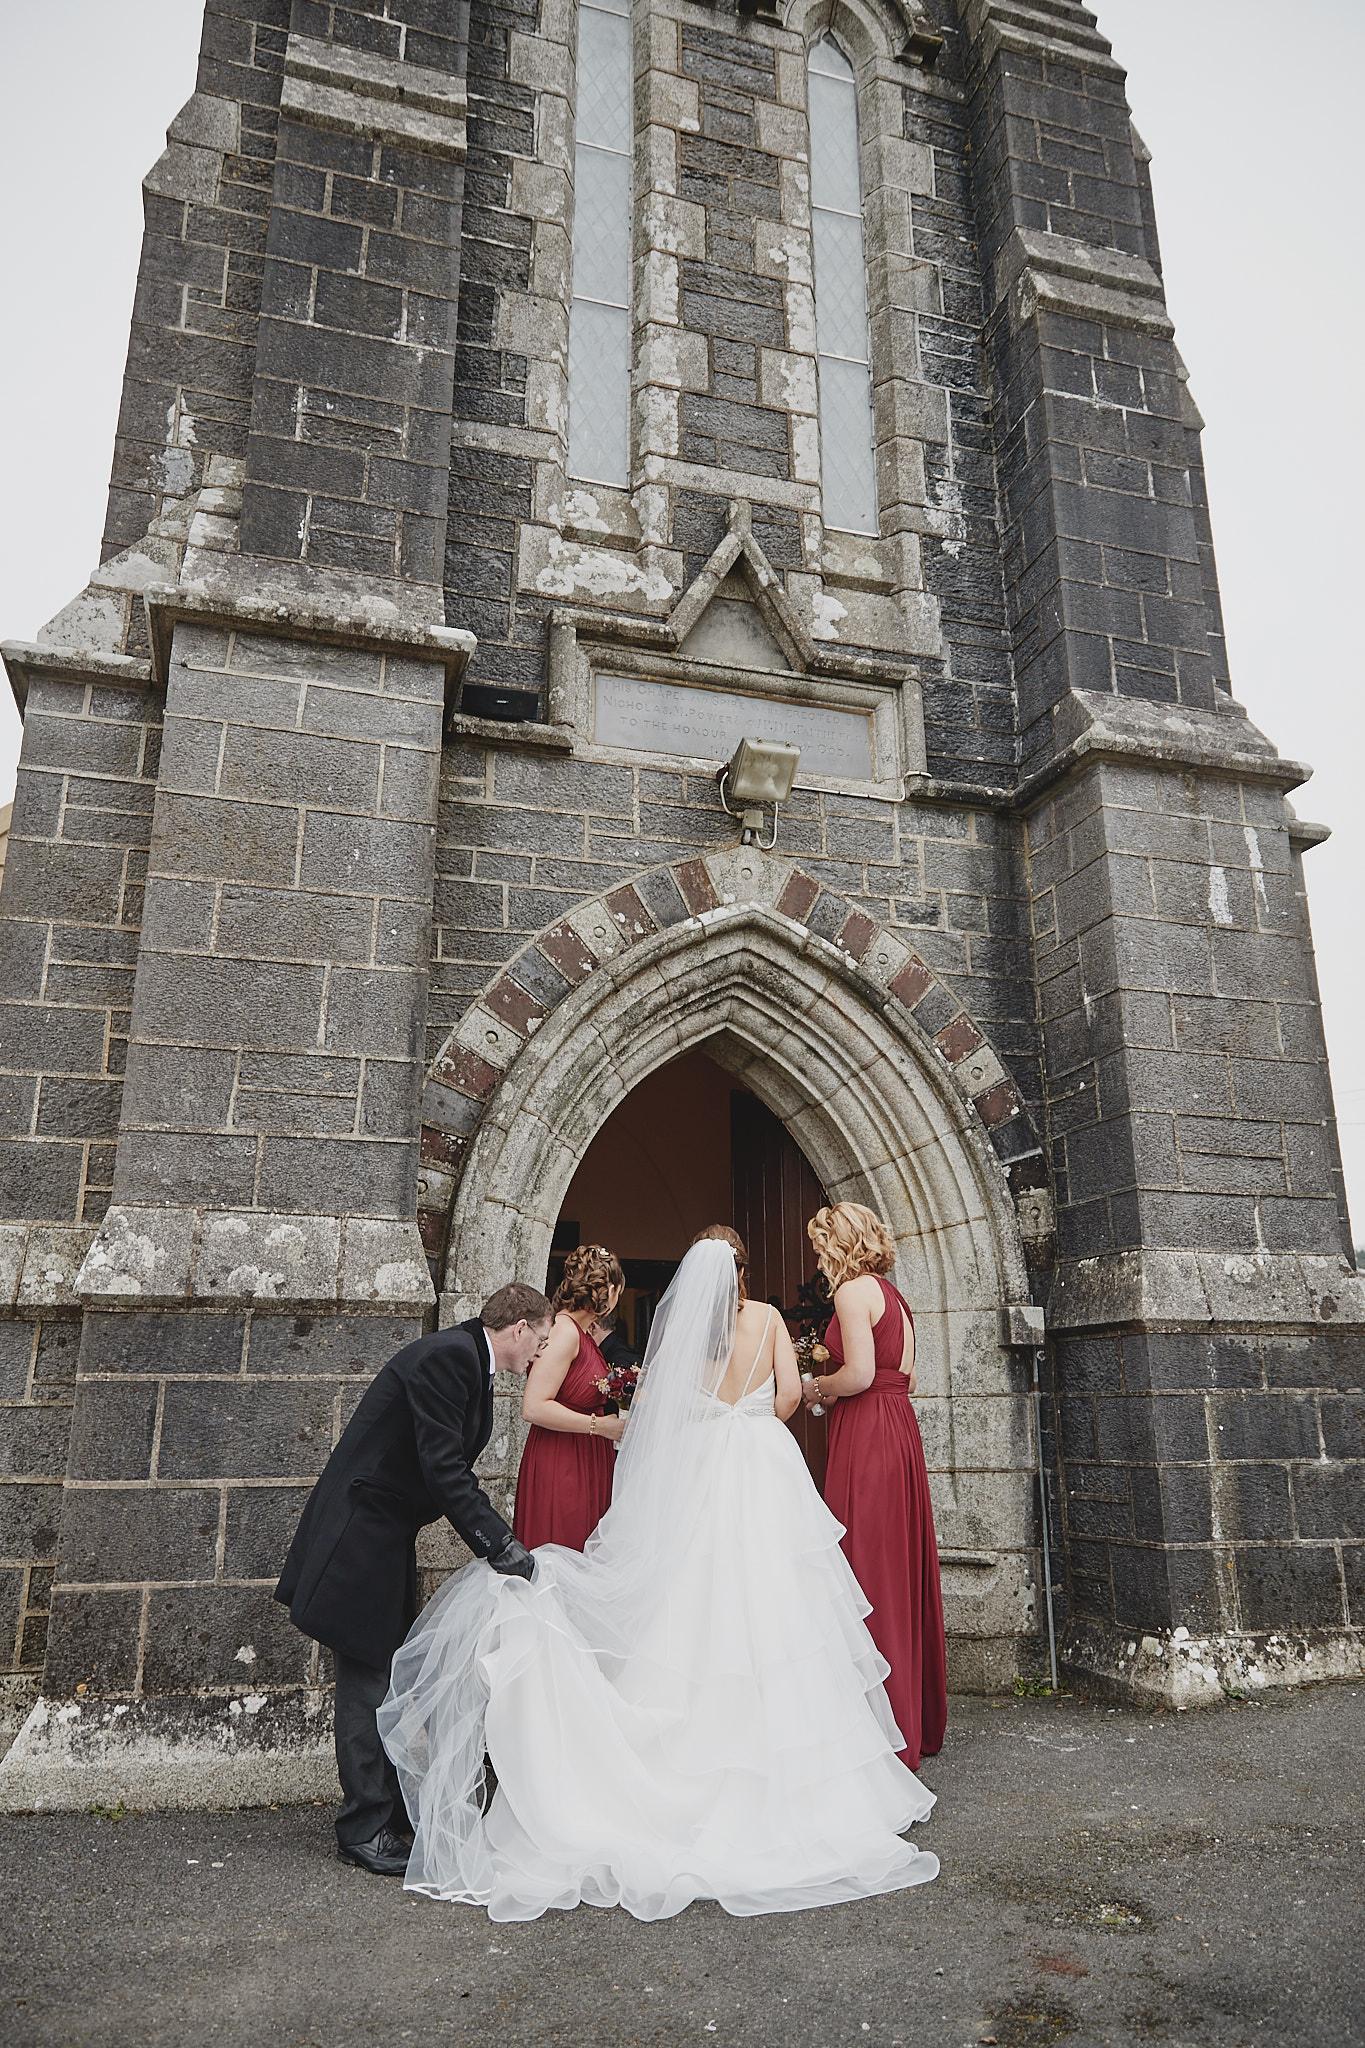 bruidsfotografie-bruifdsfotograaf-ierland-dublin-destination-trouwshoot_24.jpg